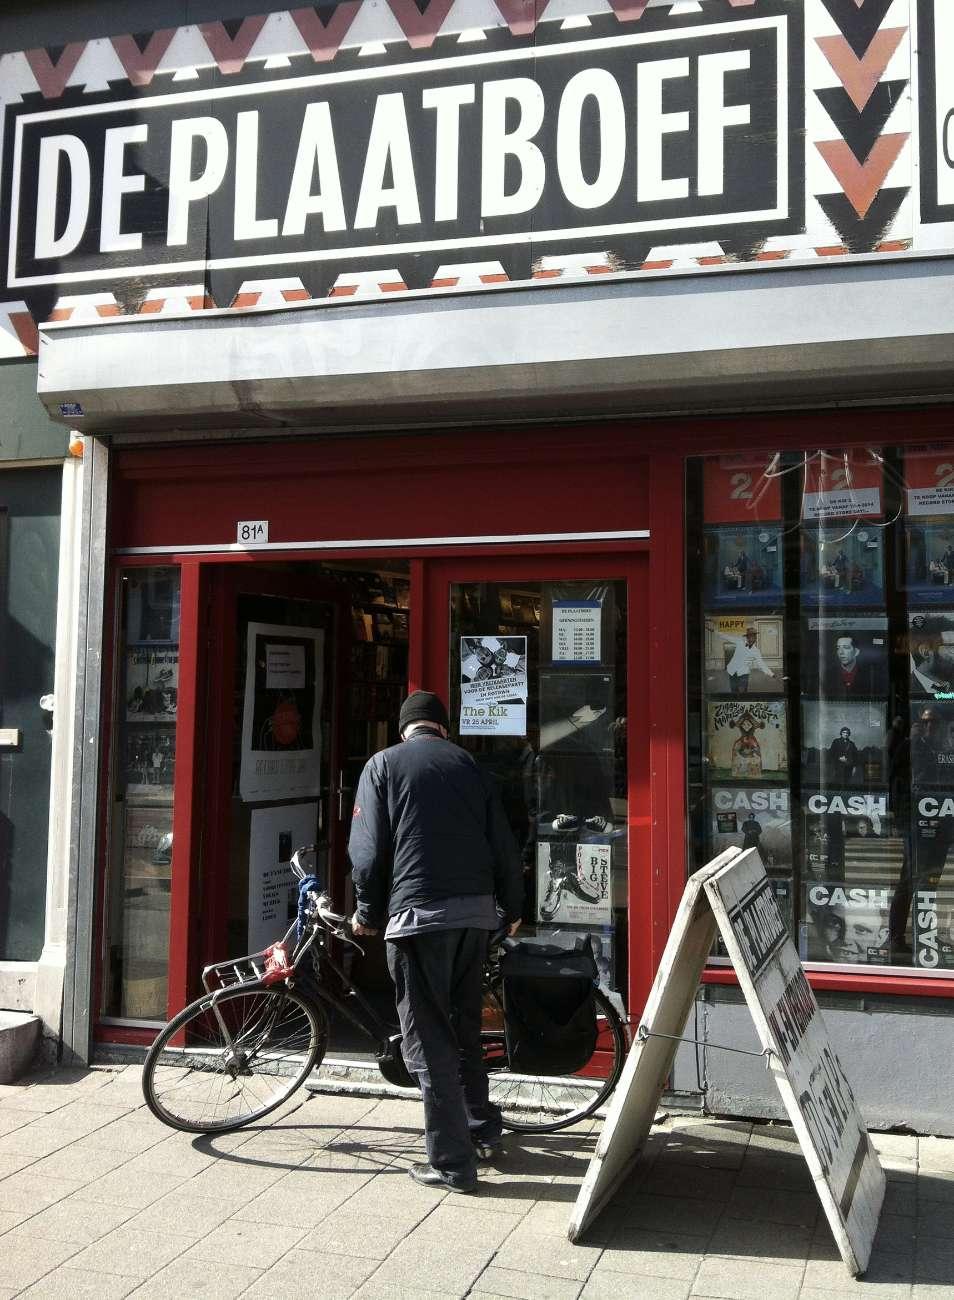 Das Fachgeschäft für Vinyl oder auch Schallplatten in Rotterdam heißt Plaatboef.